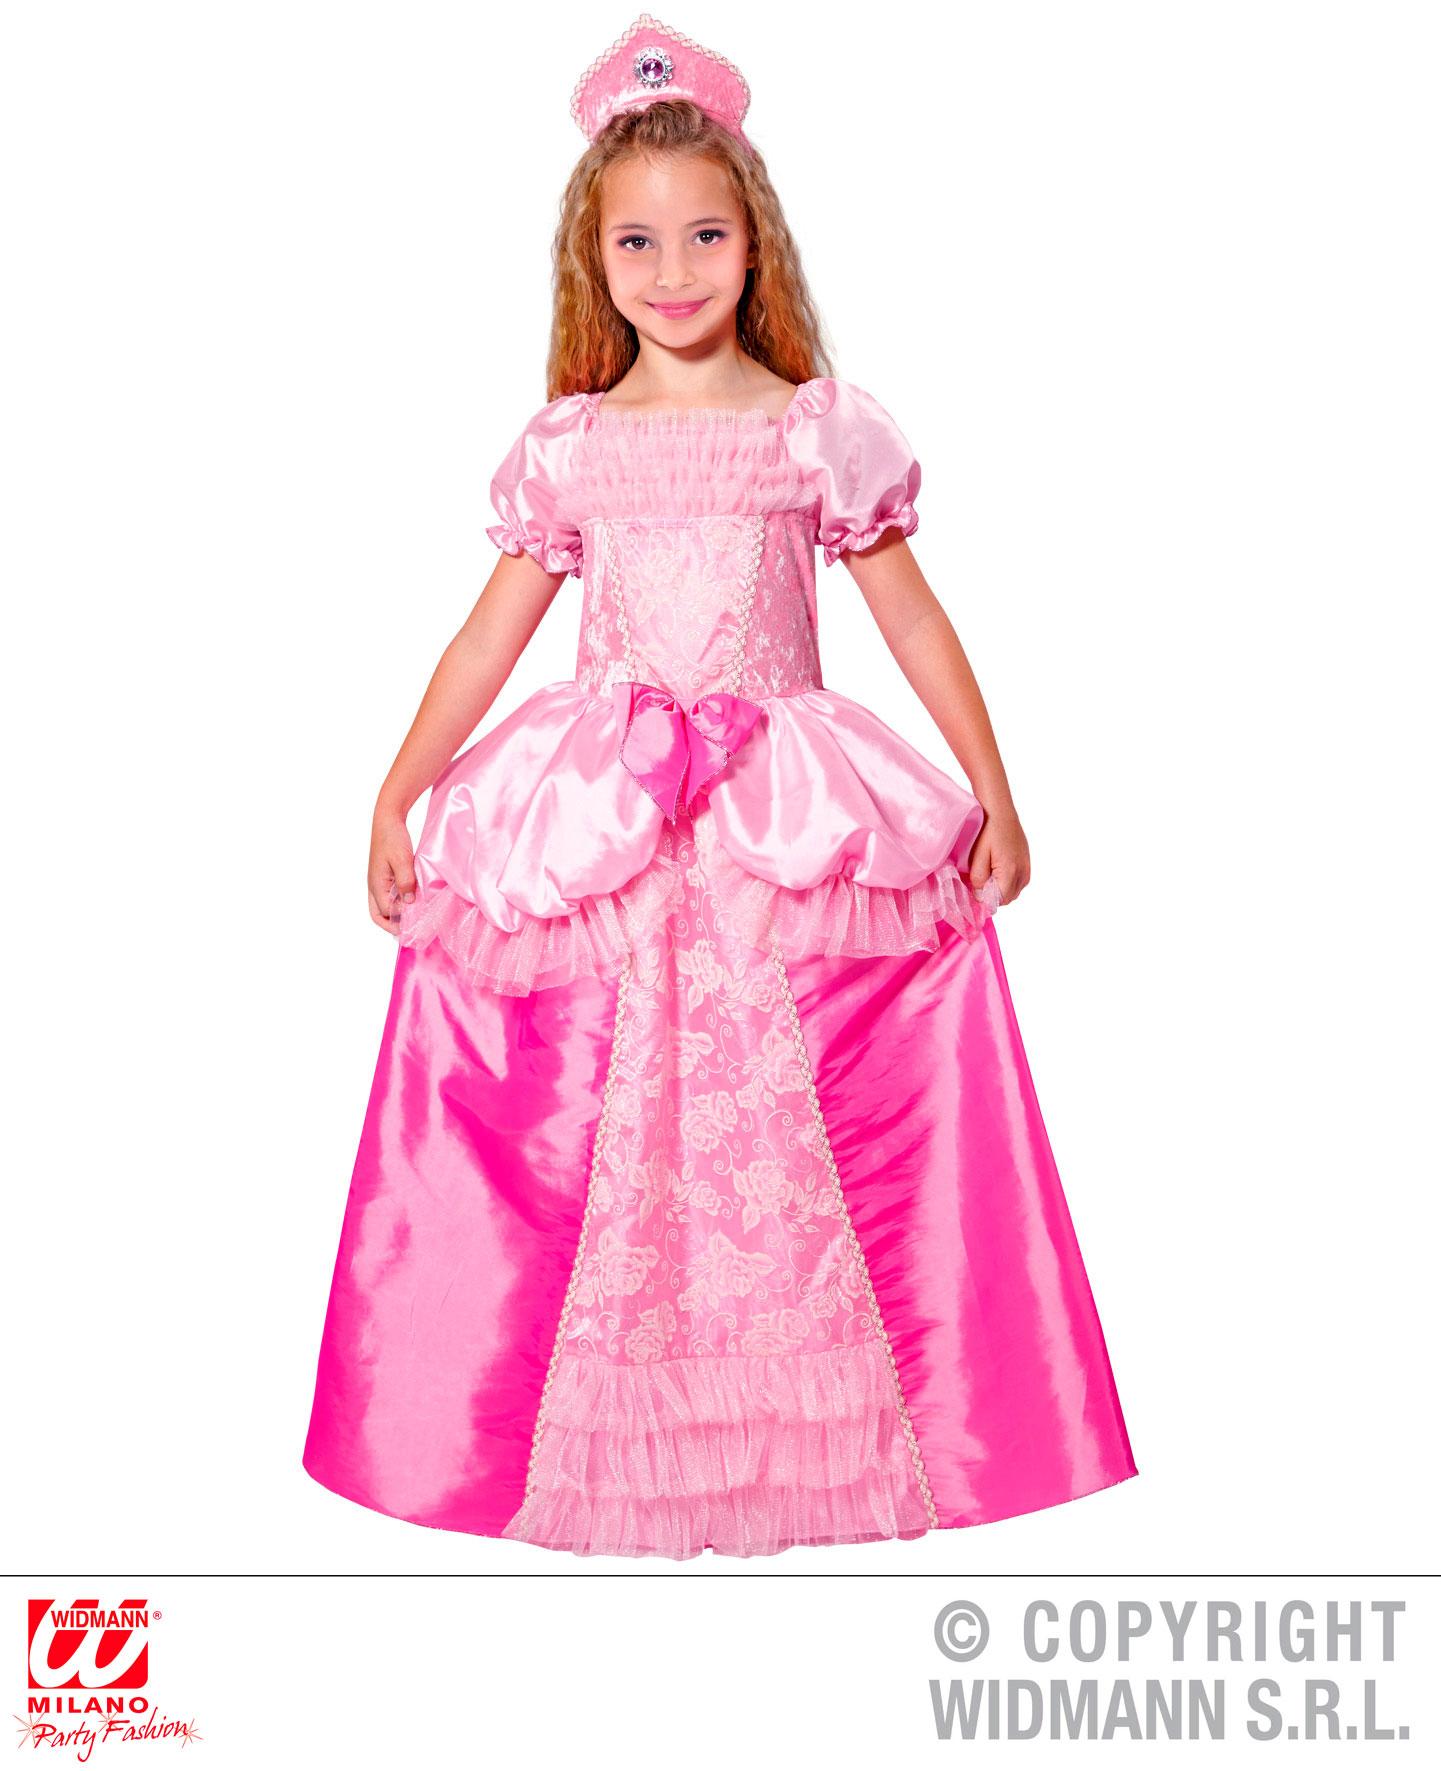 prinzessin kleid mit kopfschmuck rosa pink gr 128 cm 5. Black Bedroom Furniture Sets. Home Design Ideas